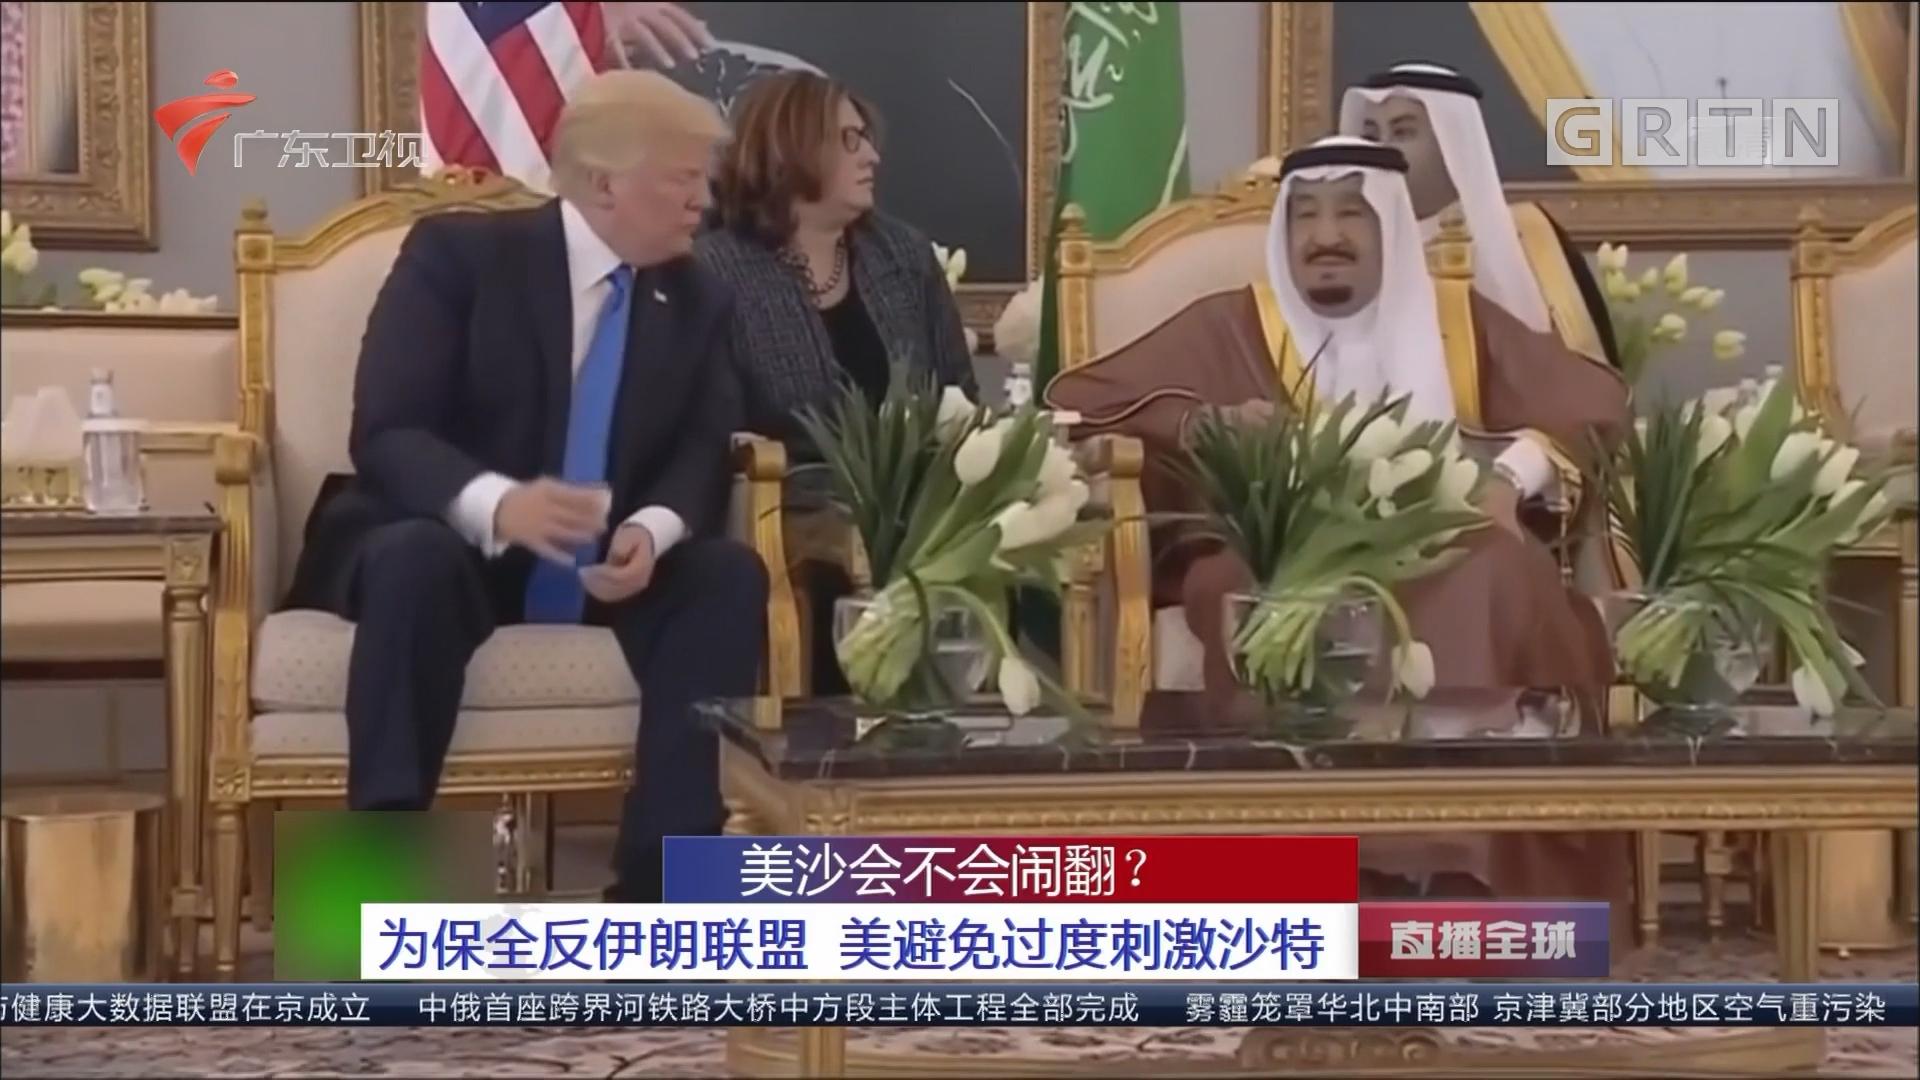 """美沙会不会闹翻? 沙特:""""有超过30种以上的措施""""进行反制"""